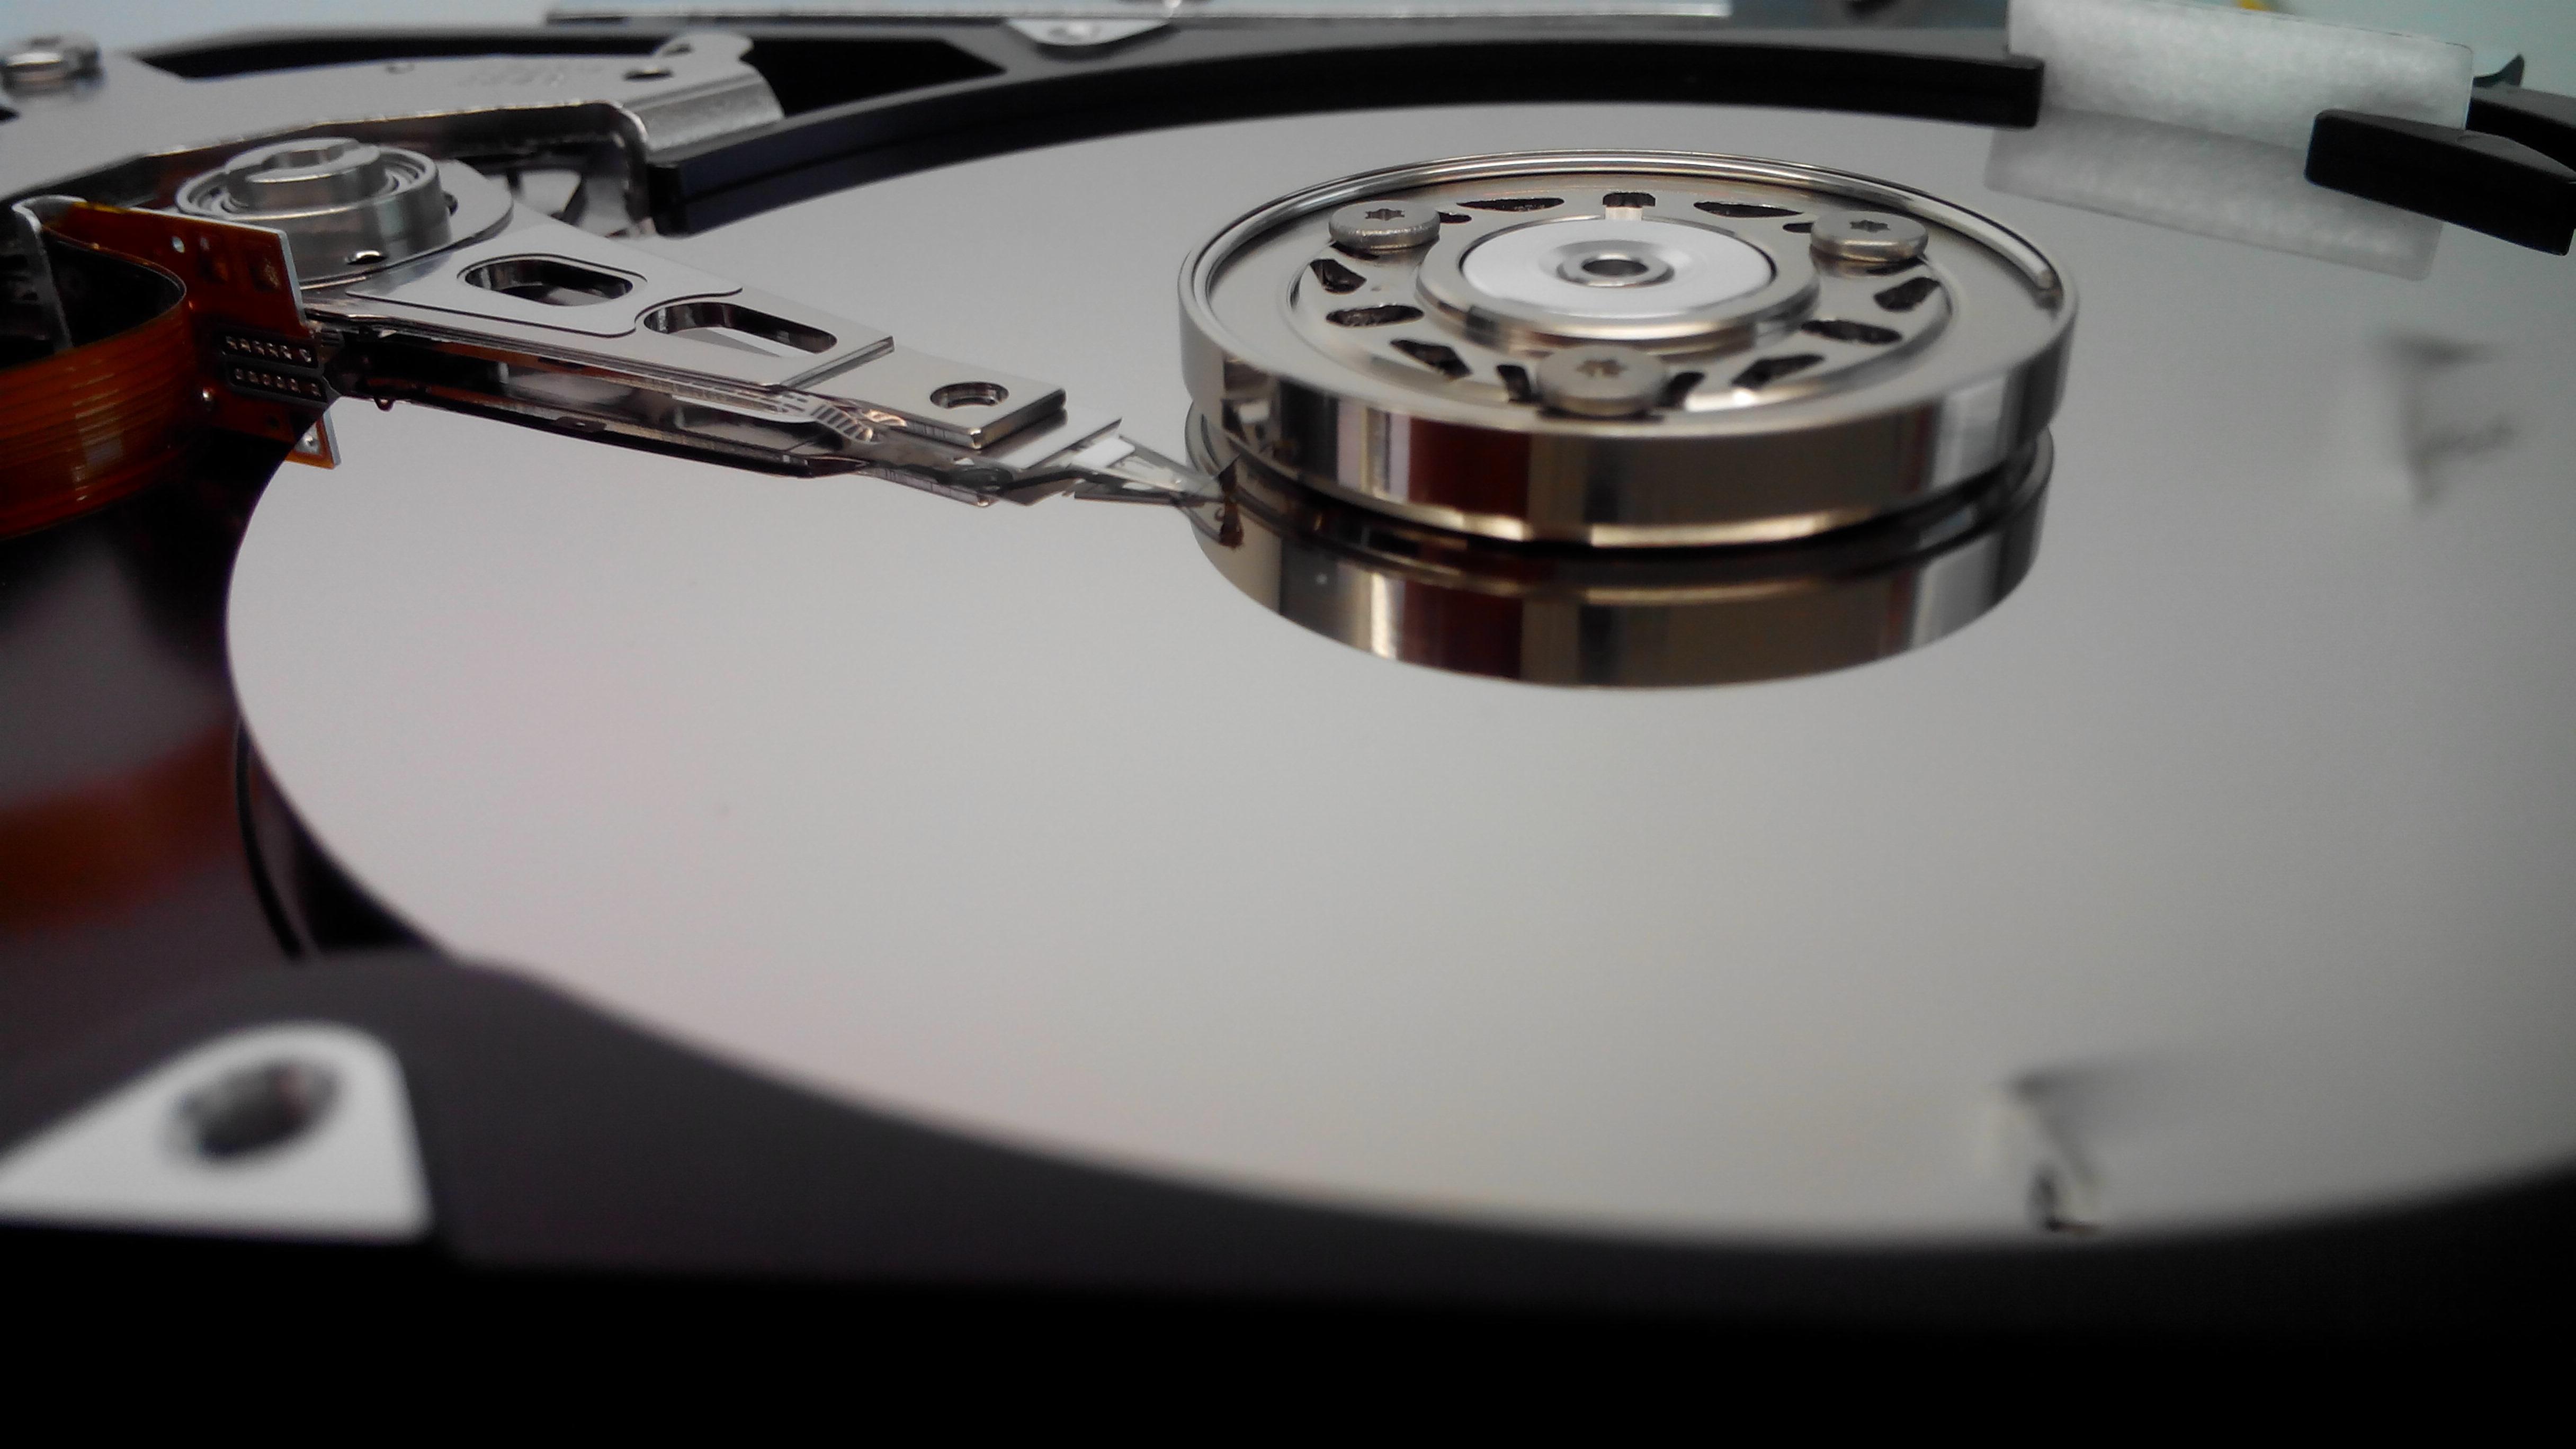 Серверные жесткие диски: отличия от обычных компьютерных